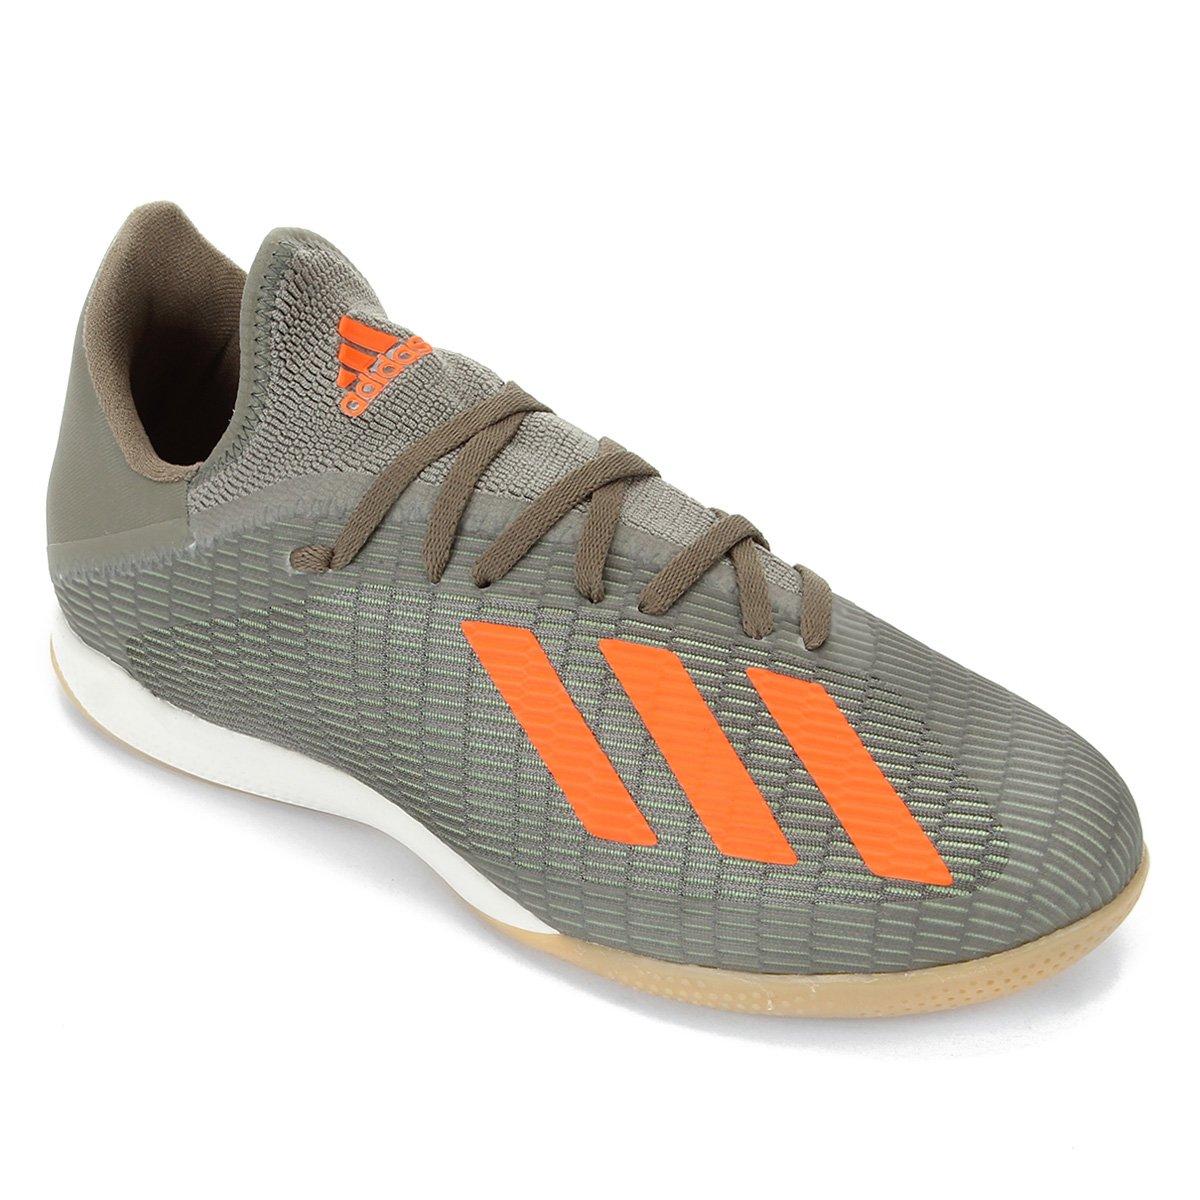 sistemático Gobernable eslogan  Chuteira Futsal Adidas X 19 3 IN - Verde e laranja   Allianz Parque Shop